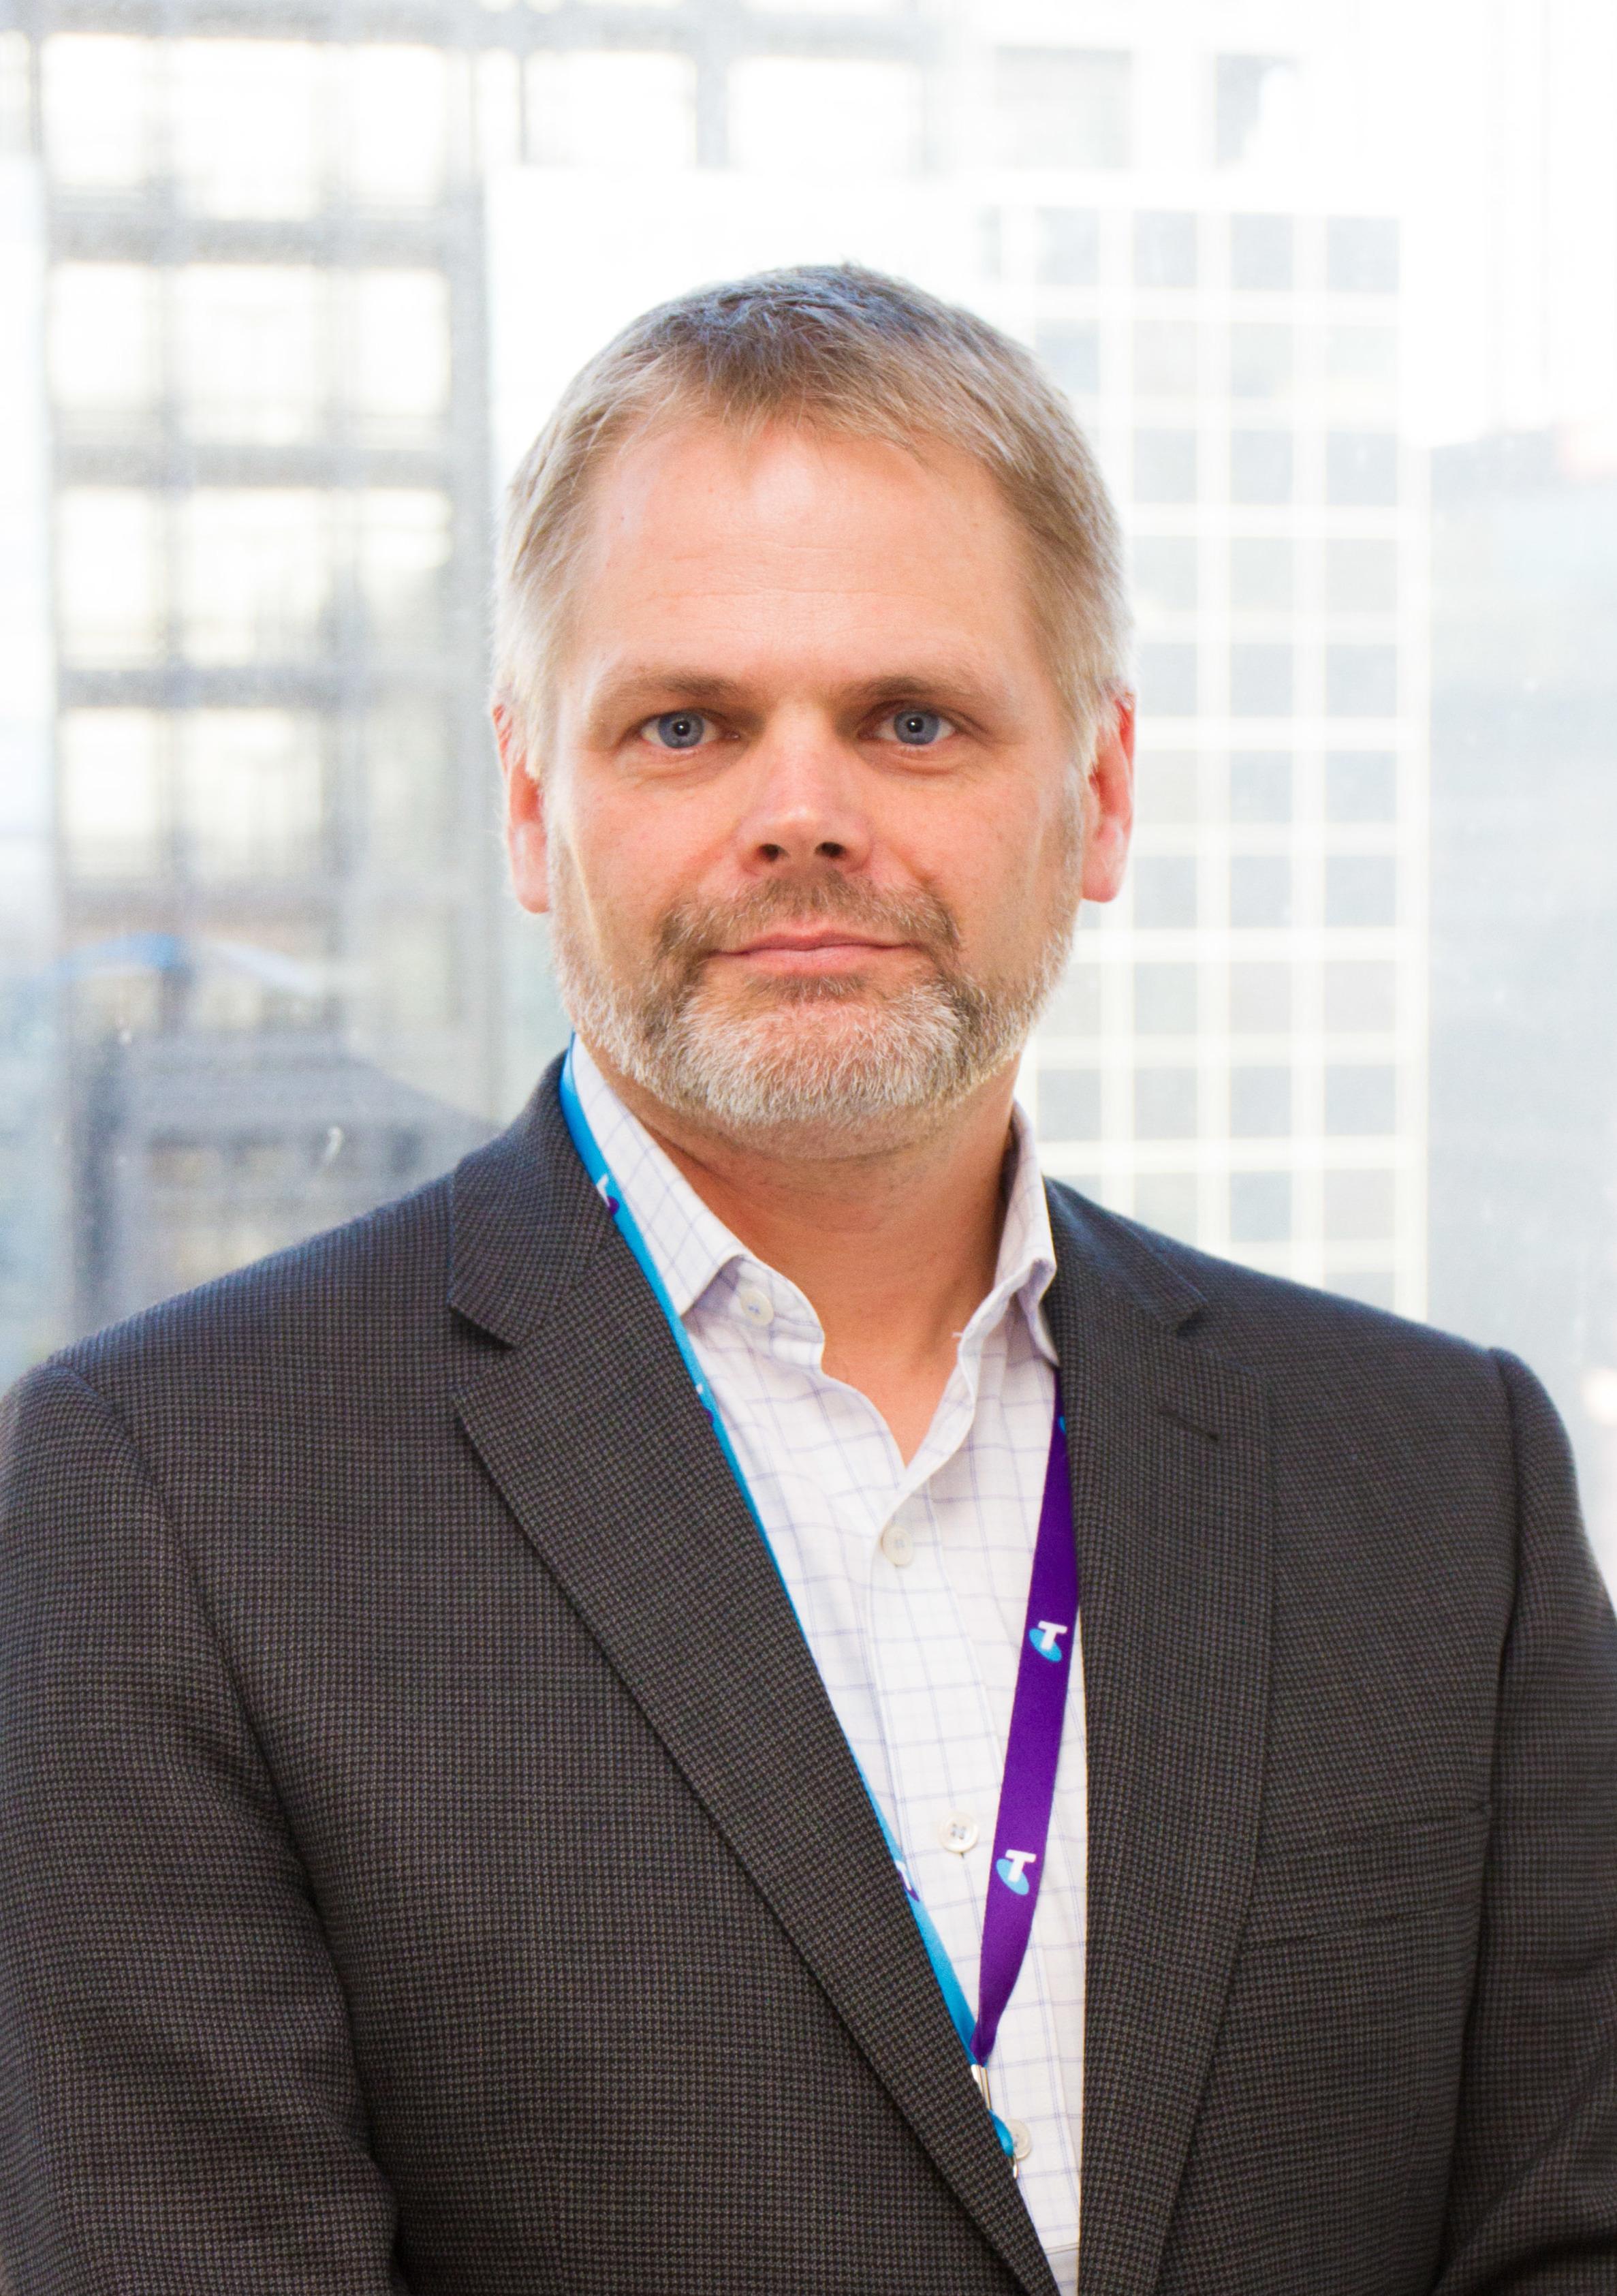 Robert Gruener